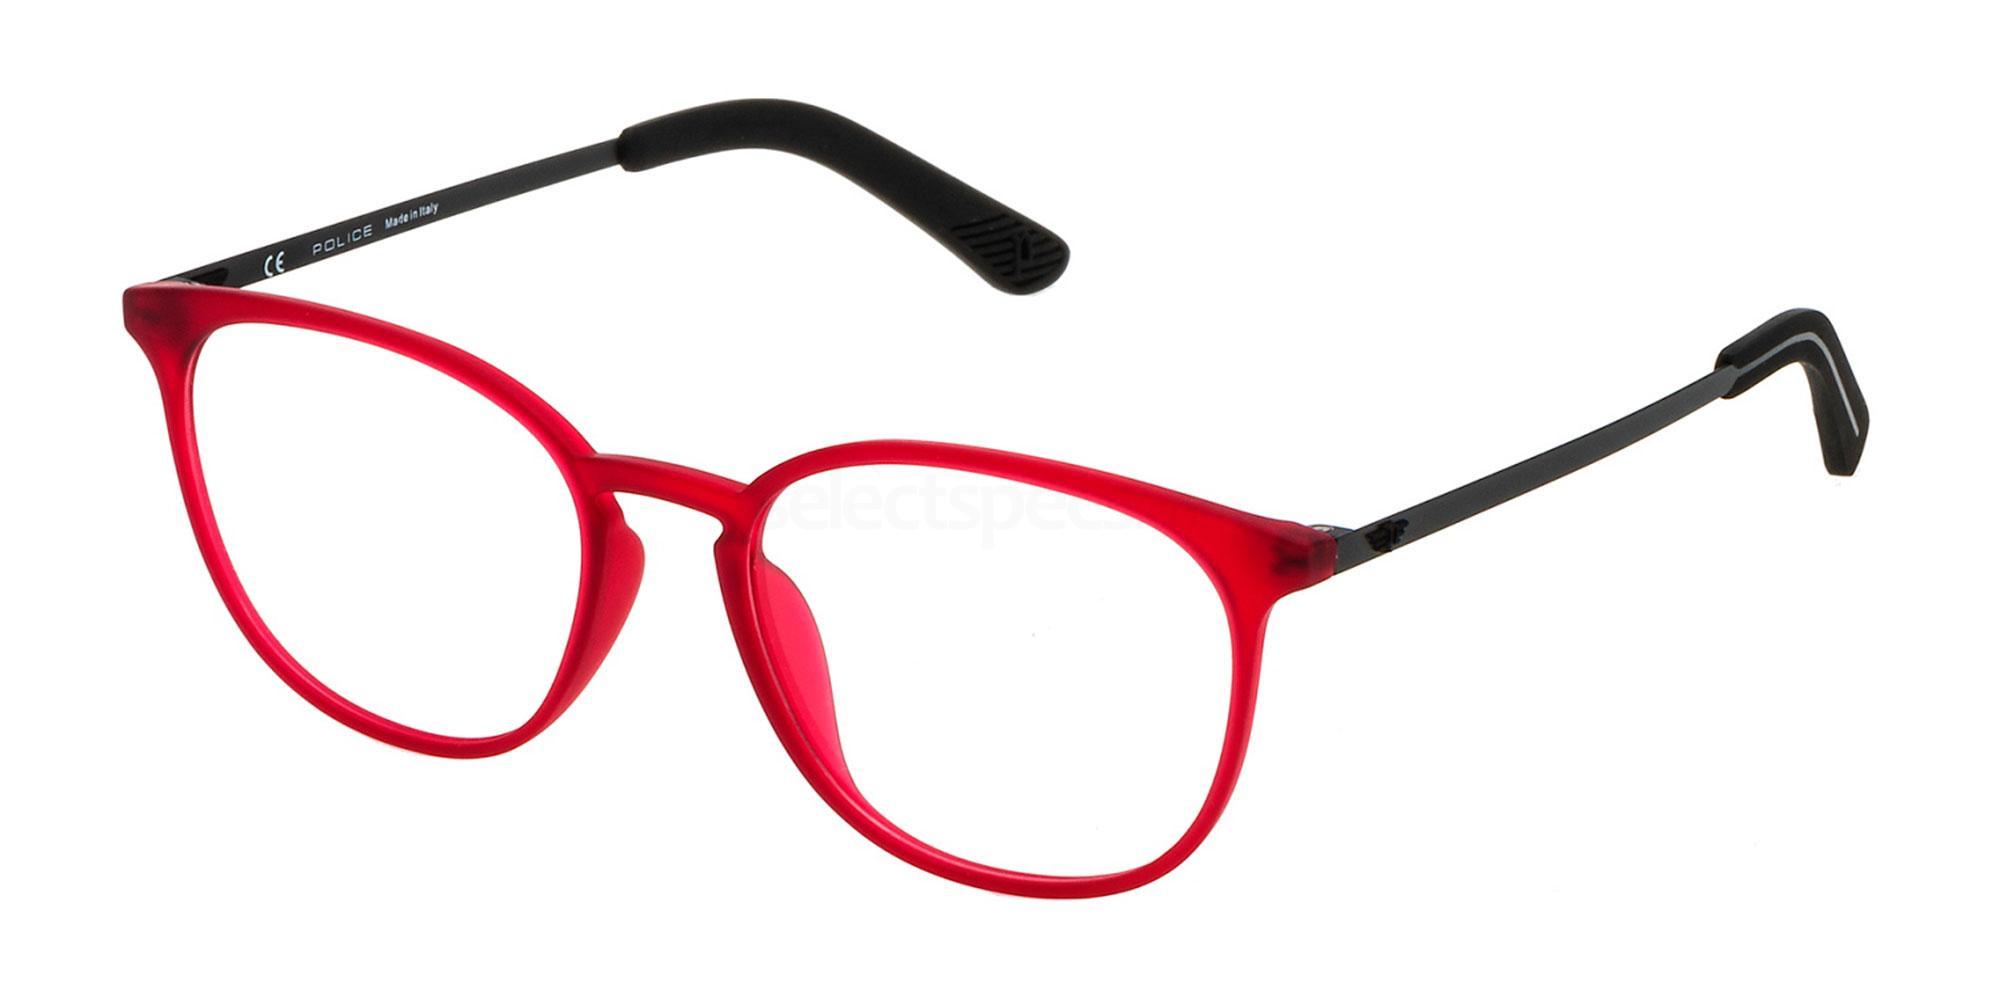 0VC9 VPL554 Glasses, Police